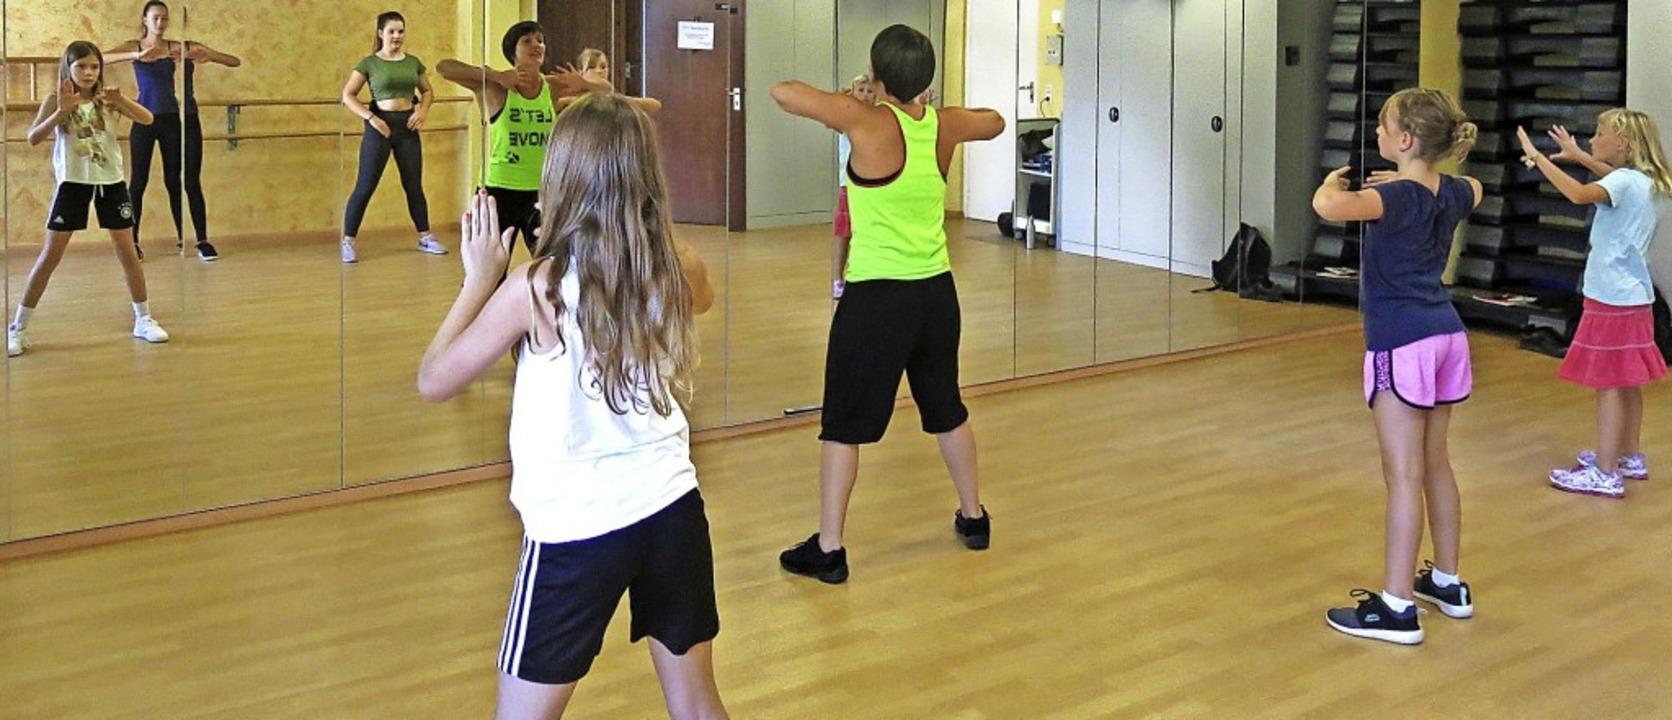 Videoclipdancing mit der Tanzlehrerin ...211; der Spiegel zeigt die Bewegungen.  | Foto: Georg Voß